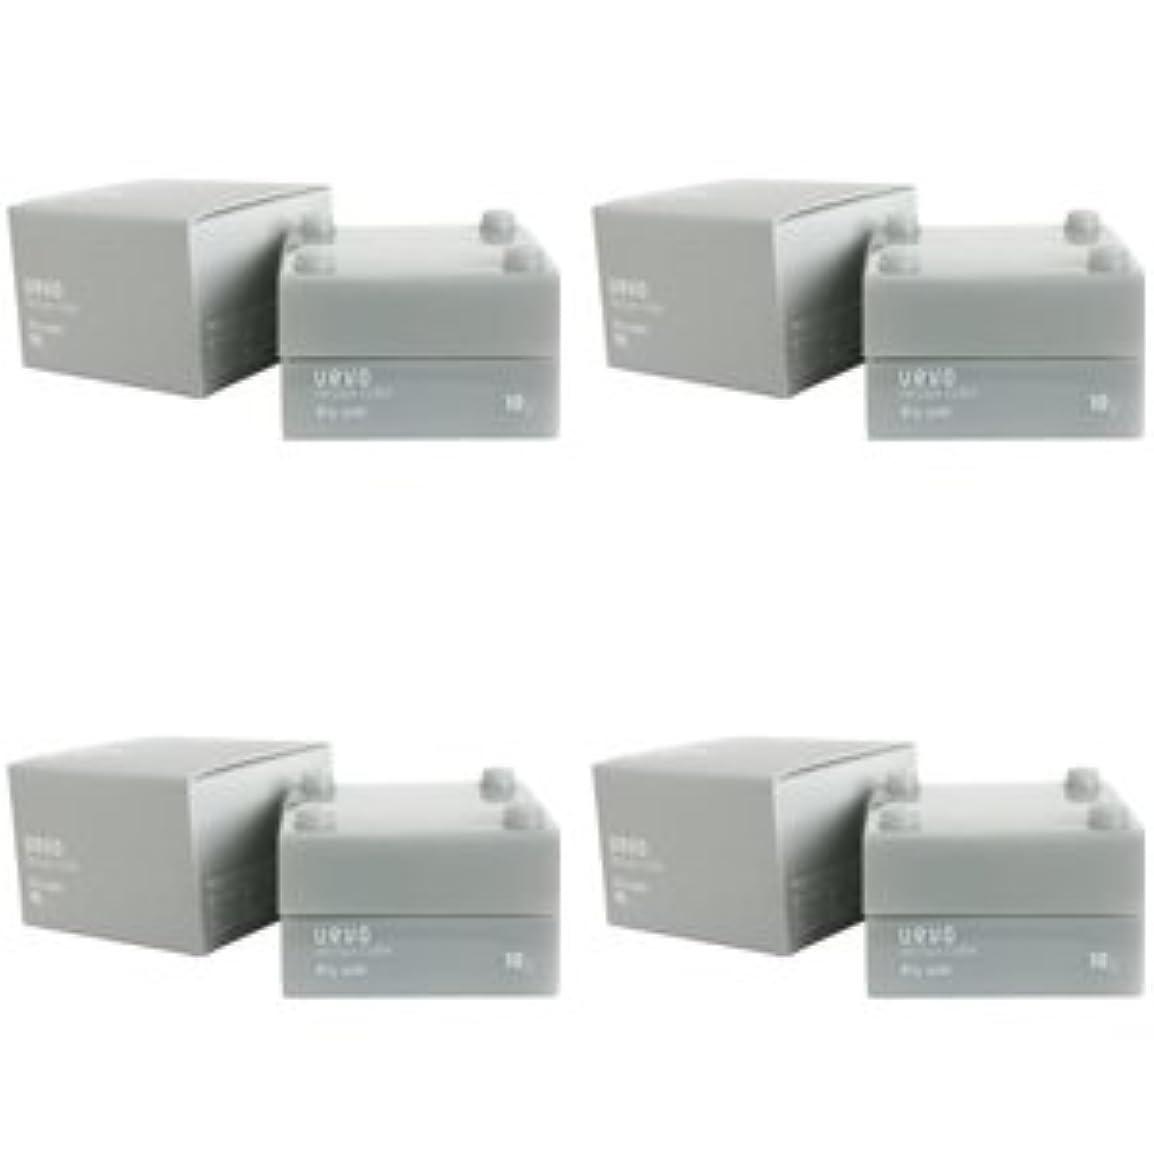 好奇心盛お嬢露出度の高い【X4個セット】 デミ ウェーボ デザインキューブ ドライワックス 30g dry wax DEMI uevo design cube